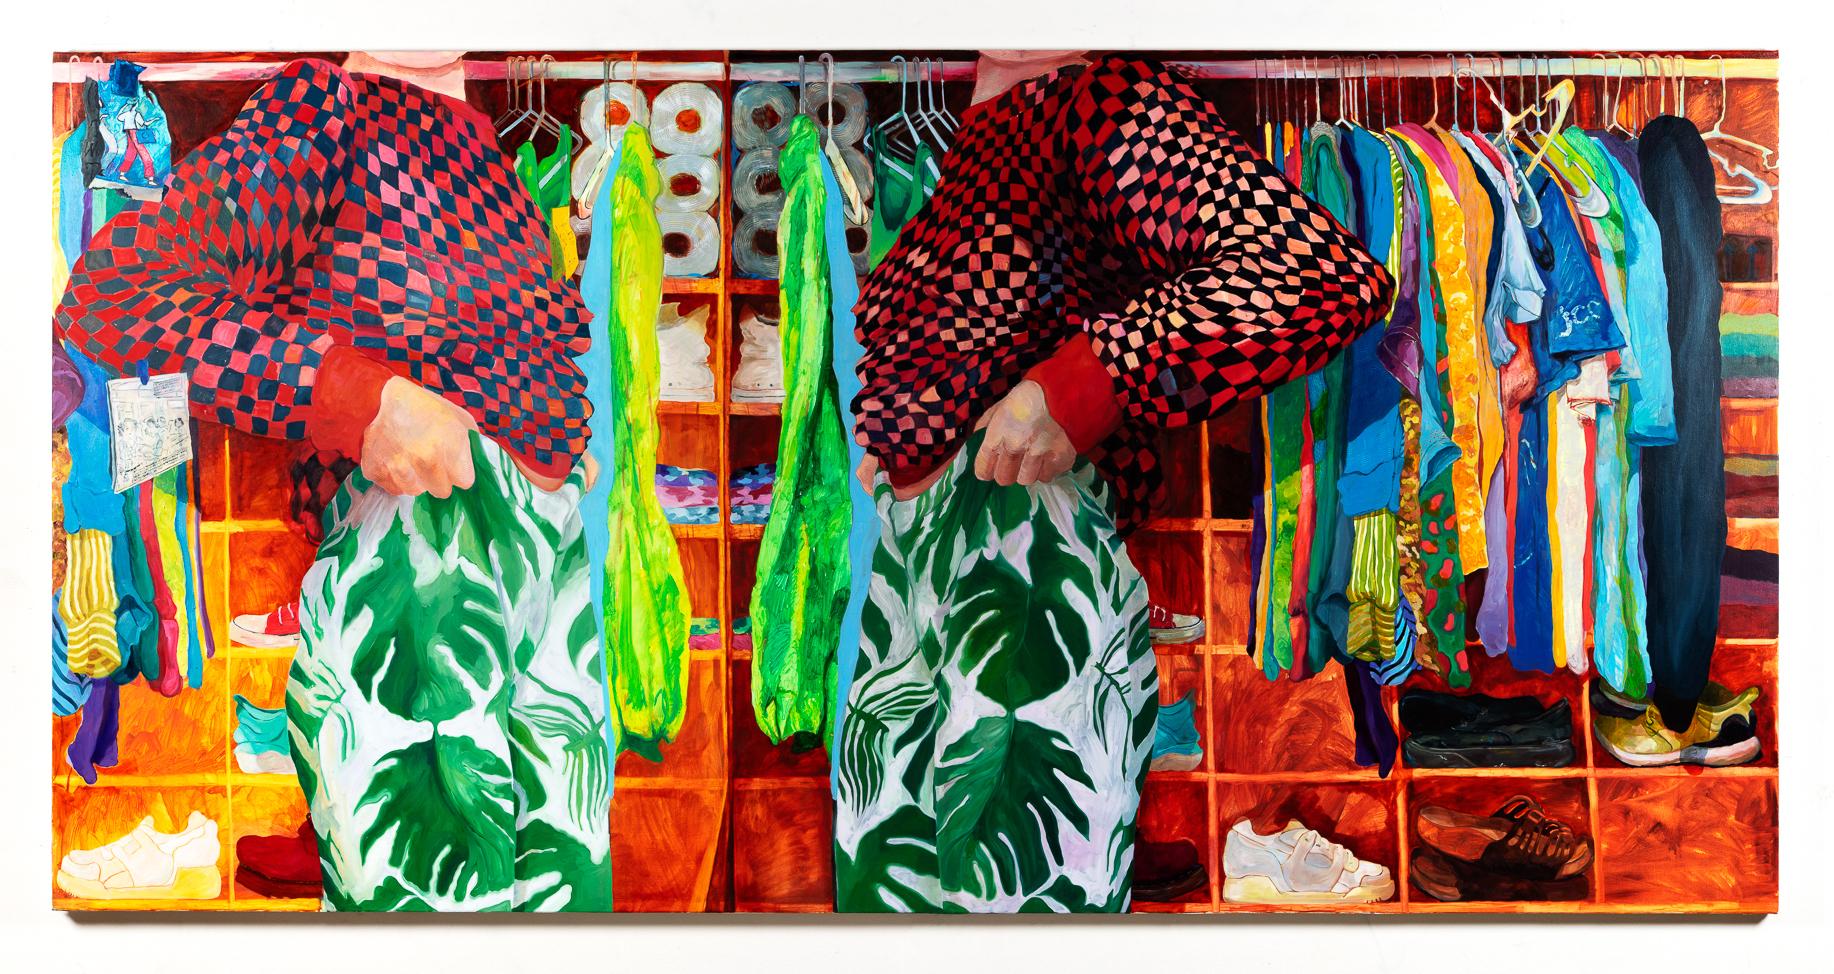 Rebecca Ness,  Closet , 2019, oil on canvas, 60 x 120 inches